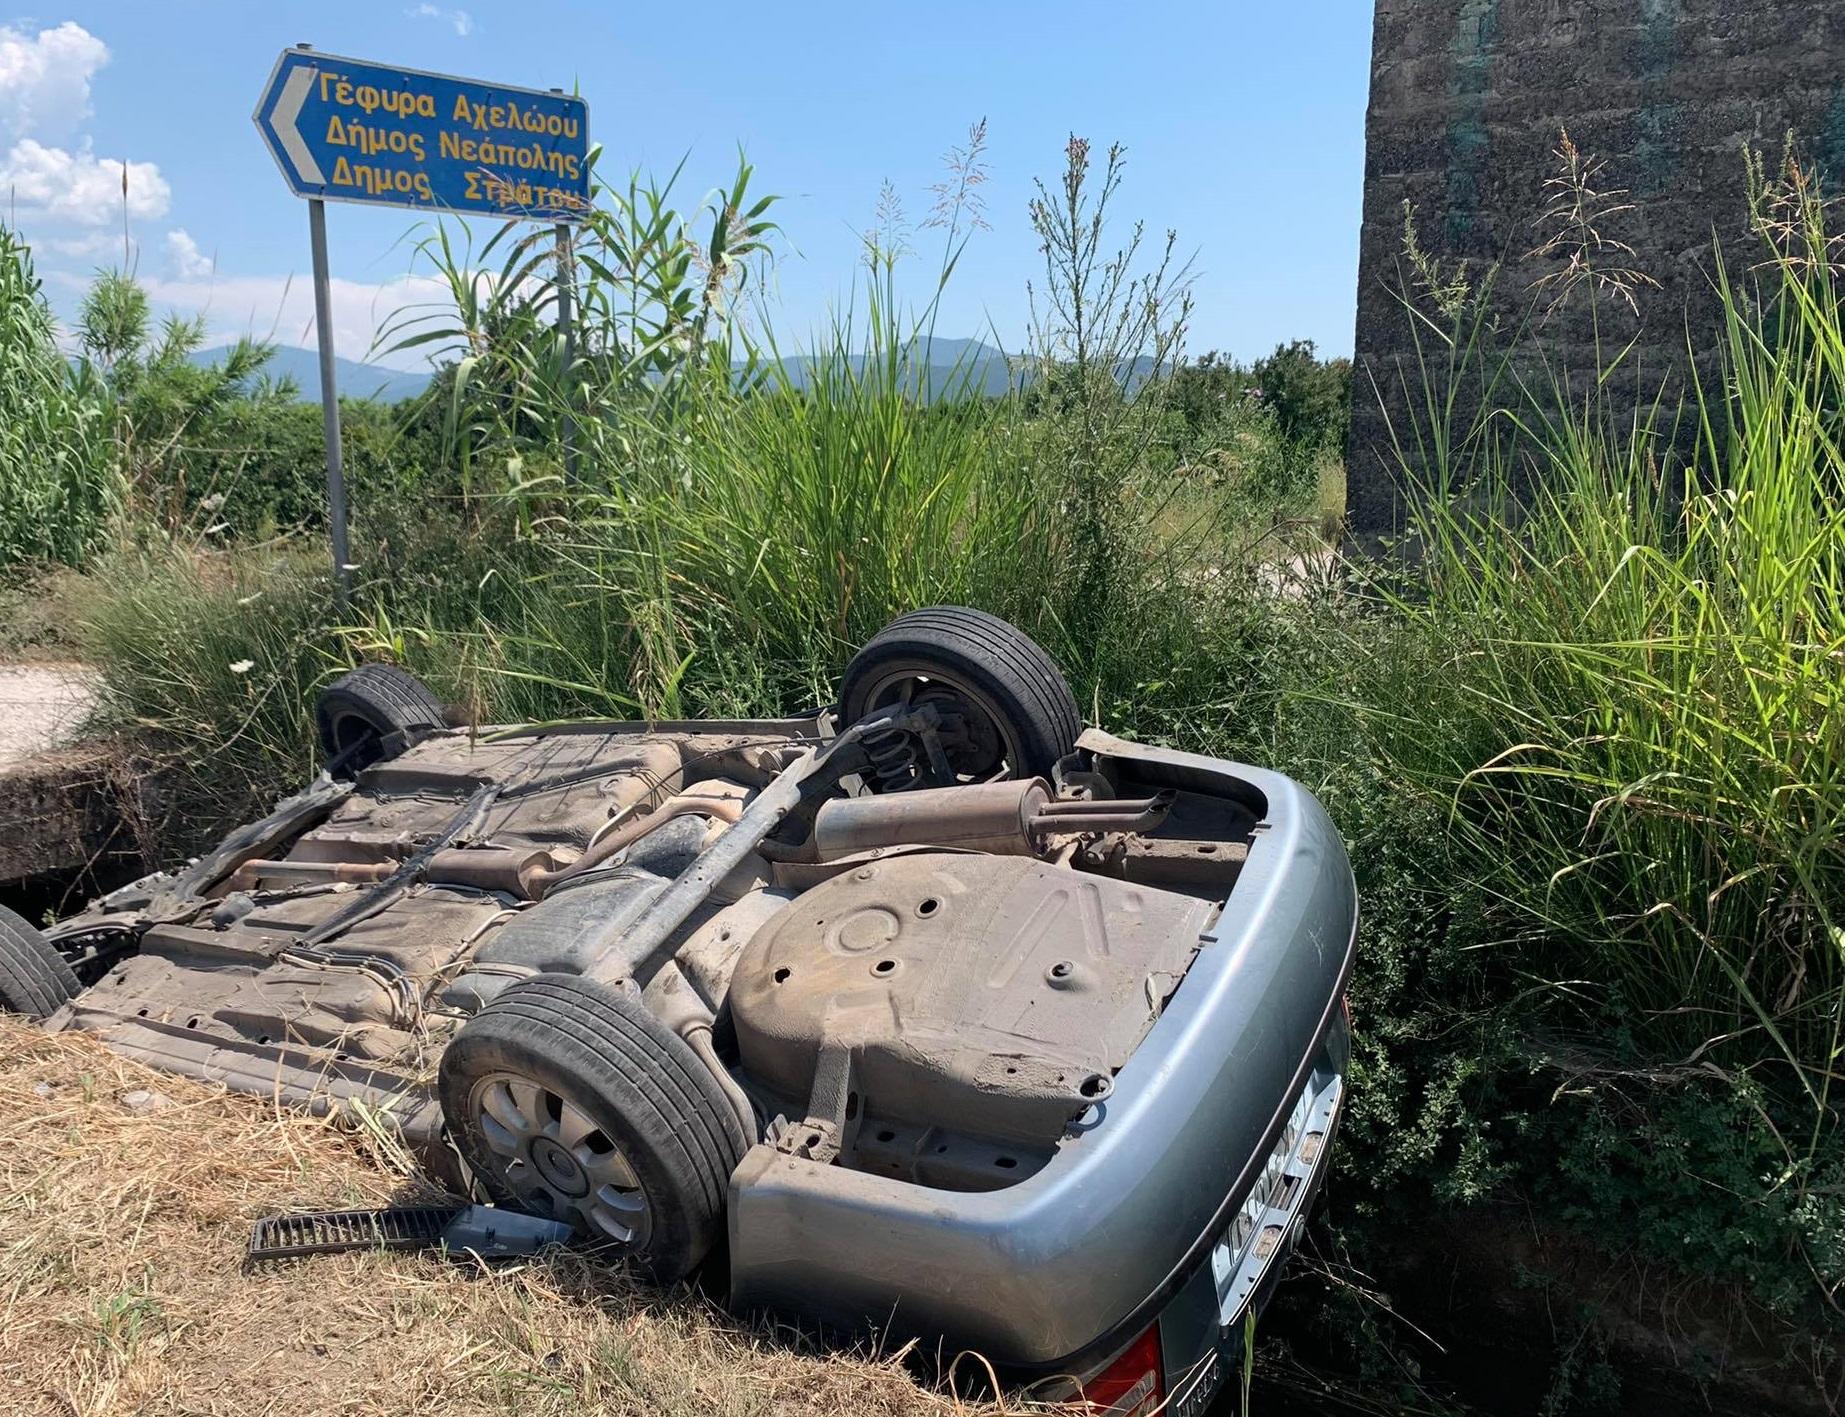 Αιτωλοκαρνανία: Εκτροπή οχήματος κοντά στα Καλύβια – Άφαντοι οι επιβάτες (pics)